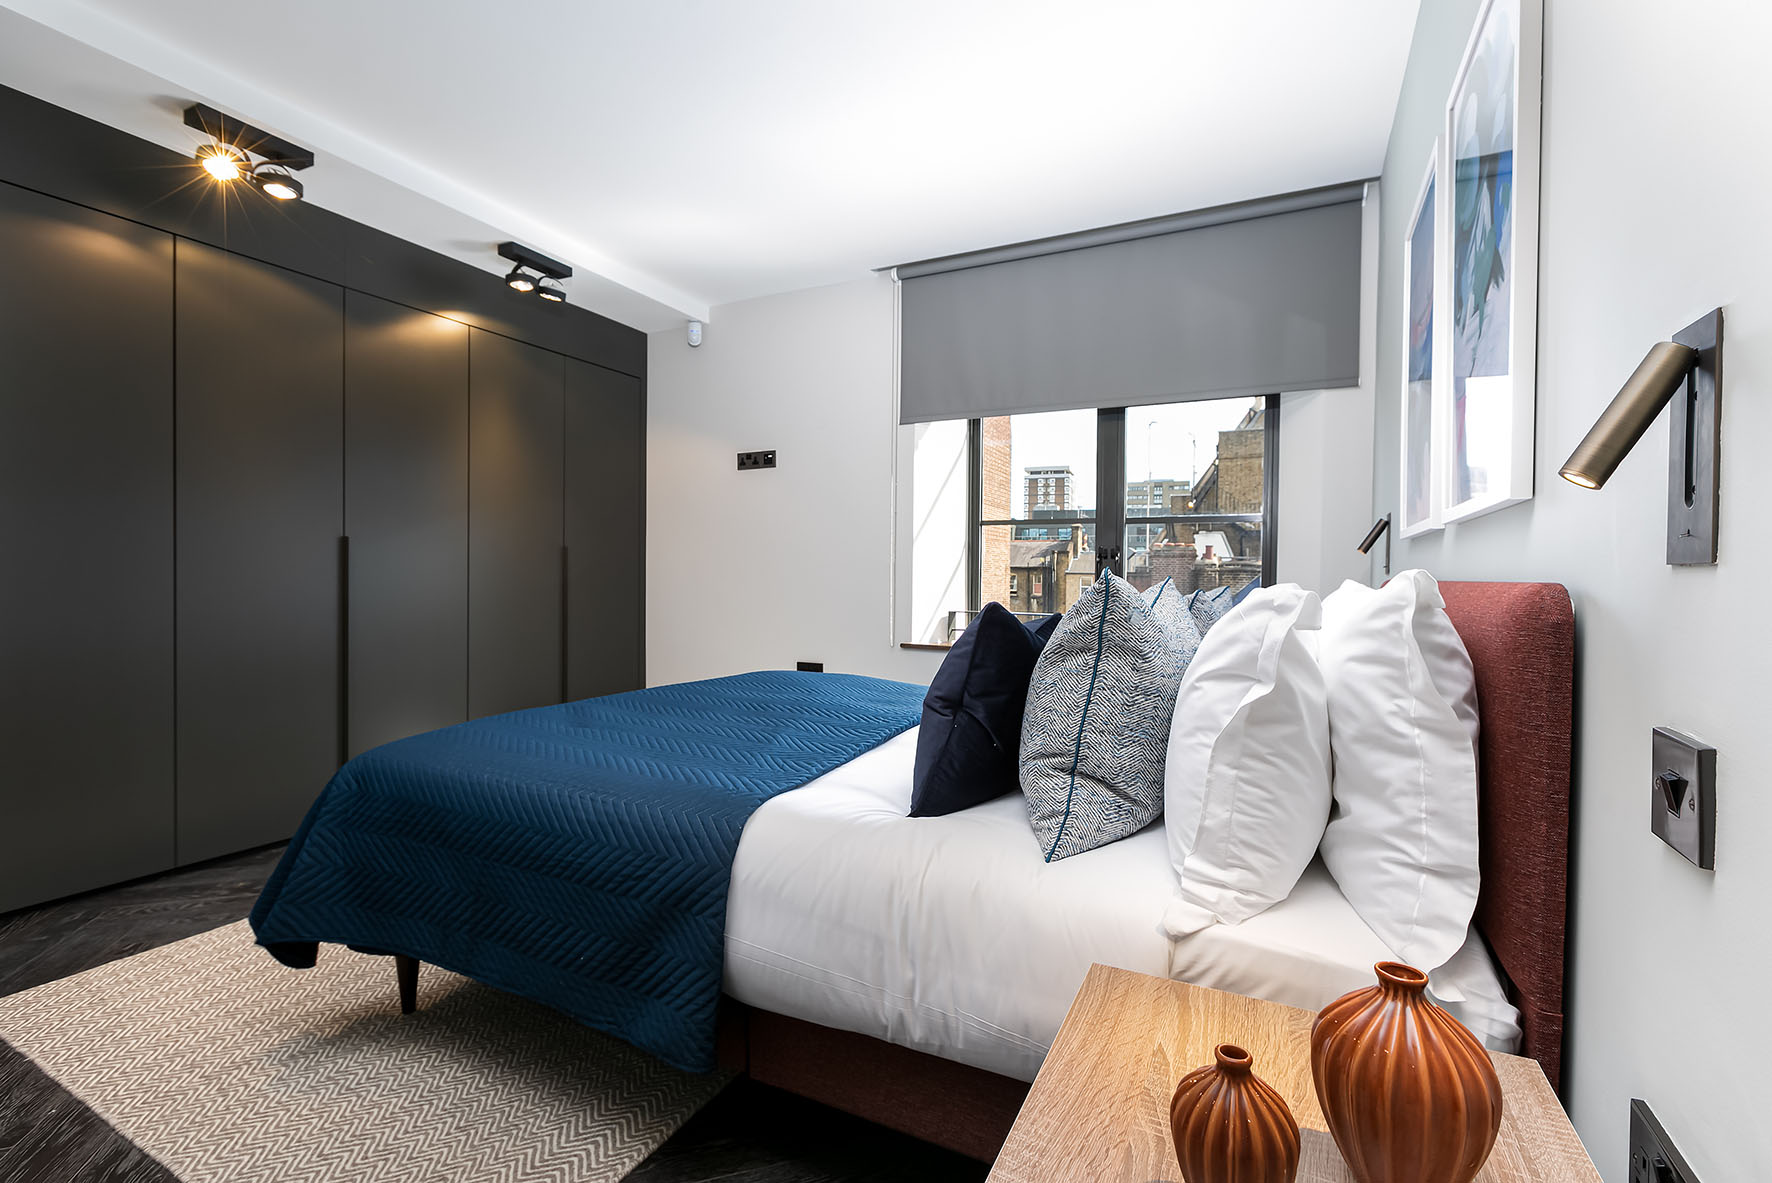 Lovelydays luxury service apartment rental - London - Soho - Noel Street VI - Lovelysuite - 2 bedrooms - 2 bathrooms - Queen bed - 4d8f8a65bcd5 - Lovelydays